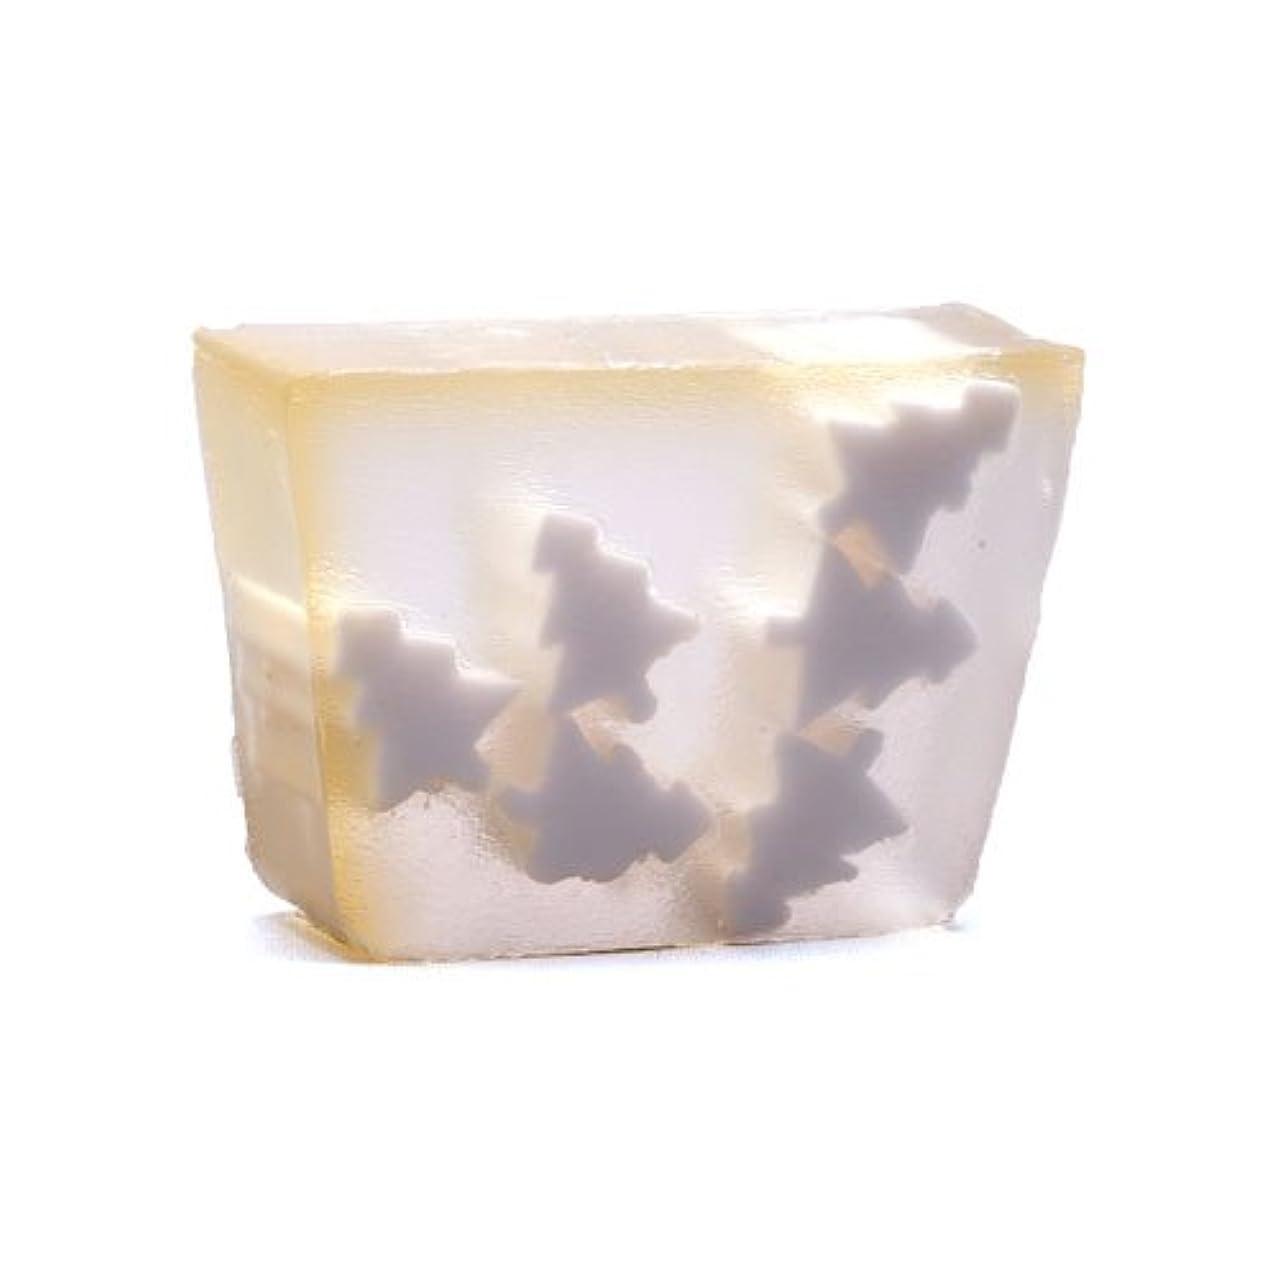 震えずらす革新プライモールエレメンツ アロマティック ミニソープ ホワイトワンダーランド 80g 植物性 ナチュラル 石鹸 無添加